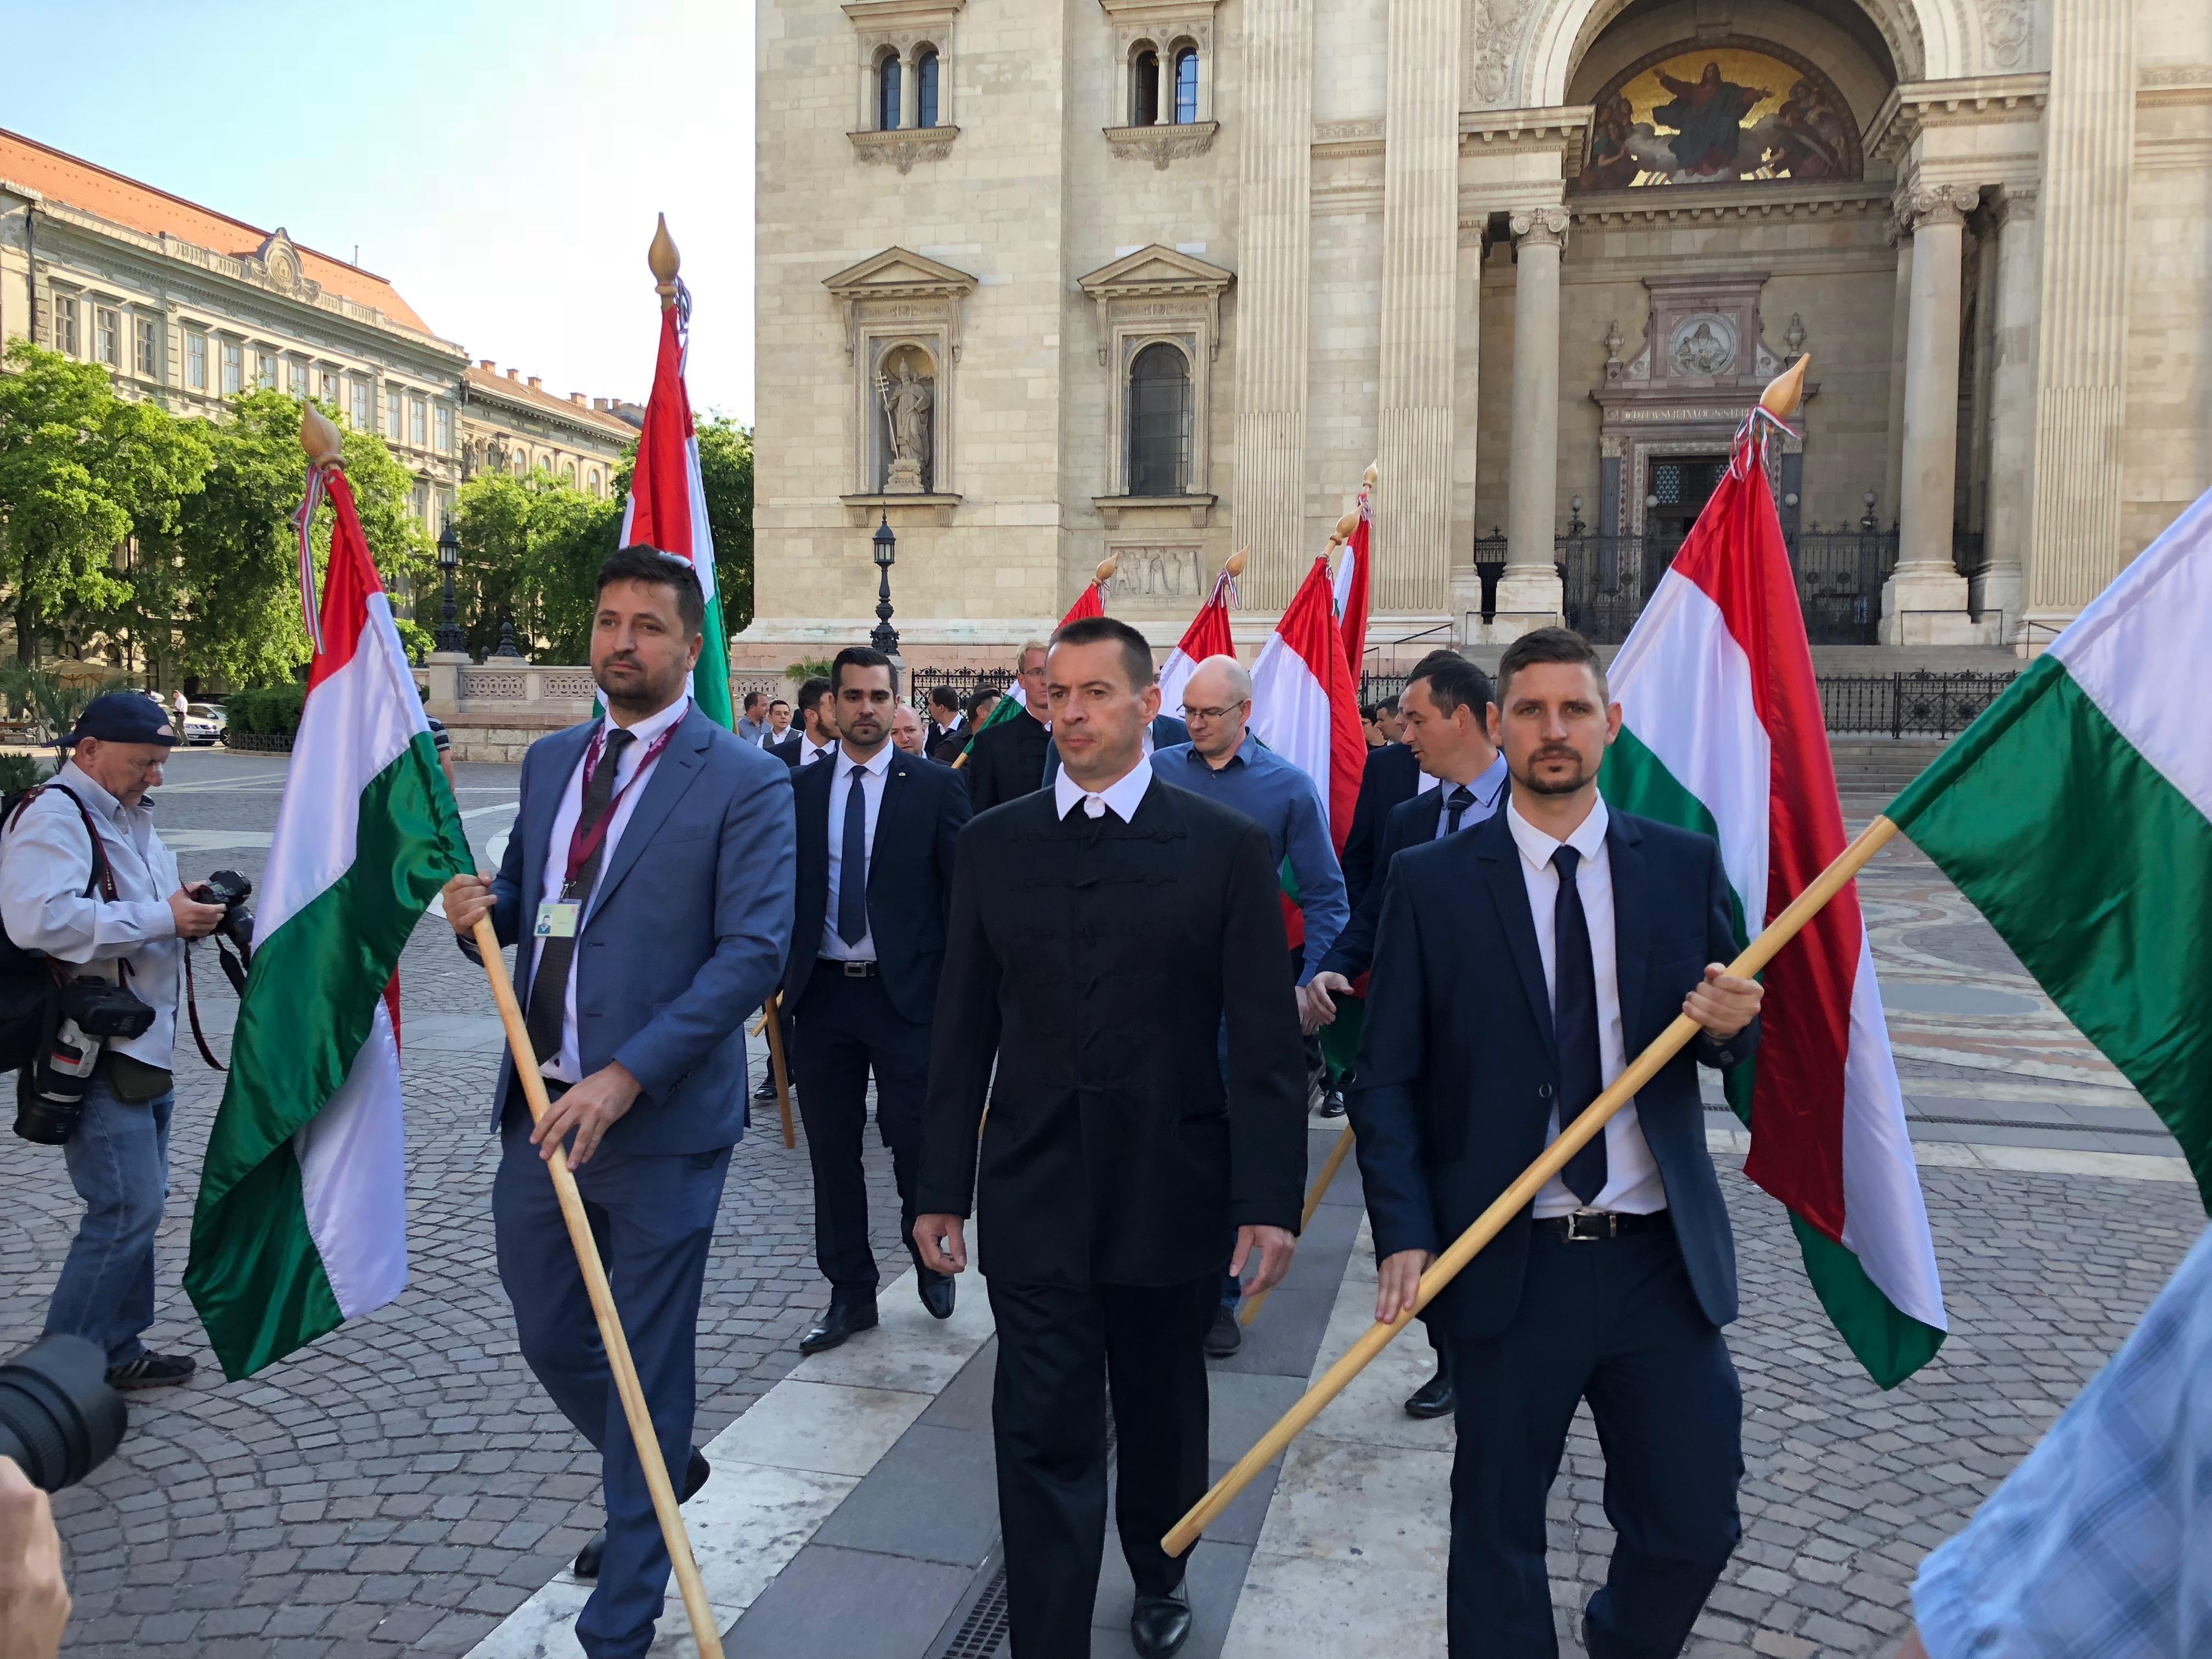 Elmaradt a Jobbik kordonbontása, hiszen kordon helyett rendőrsorfal áll a Parlament körül